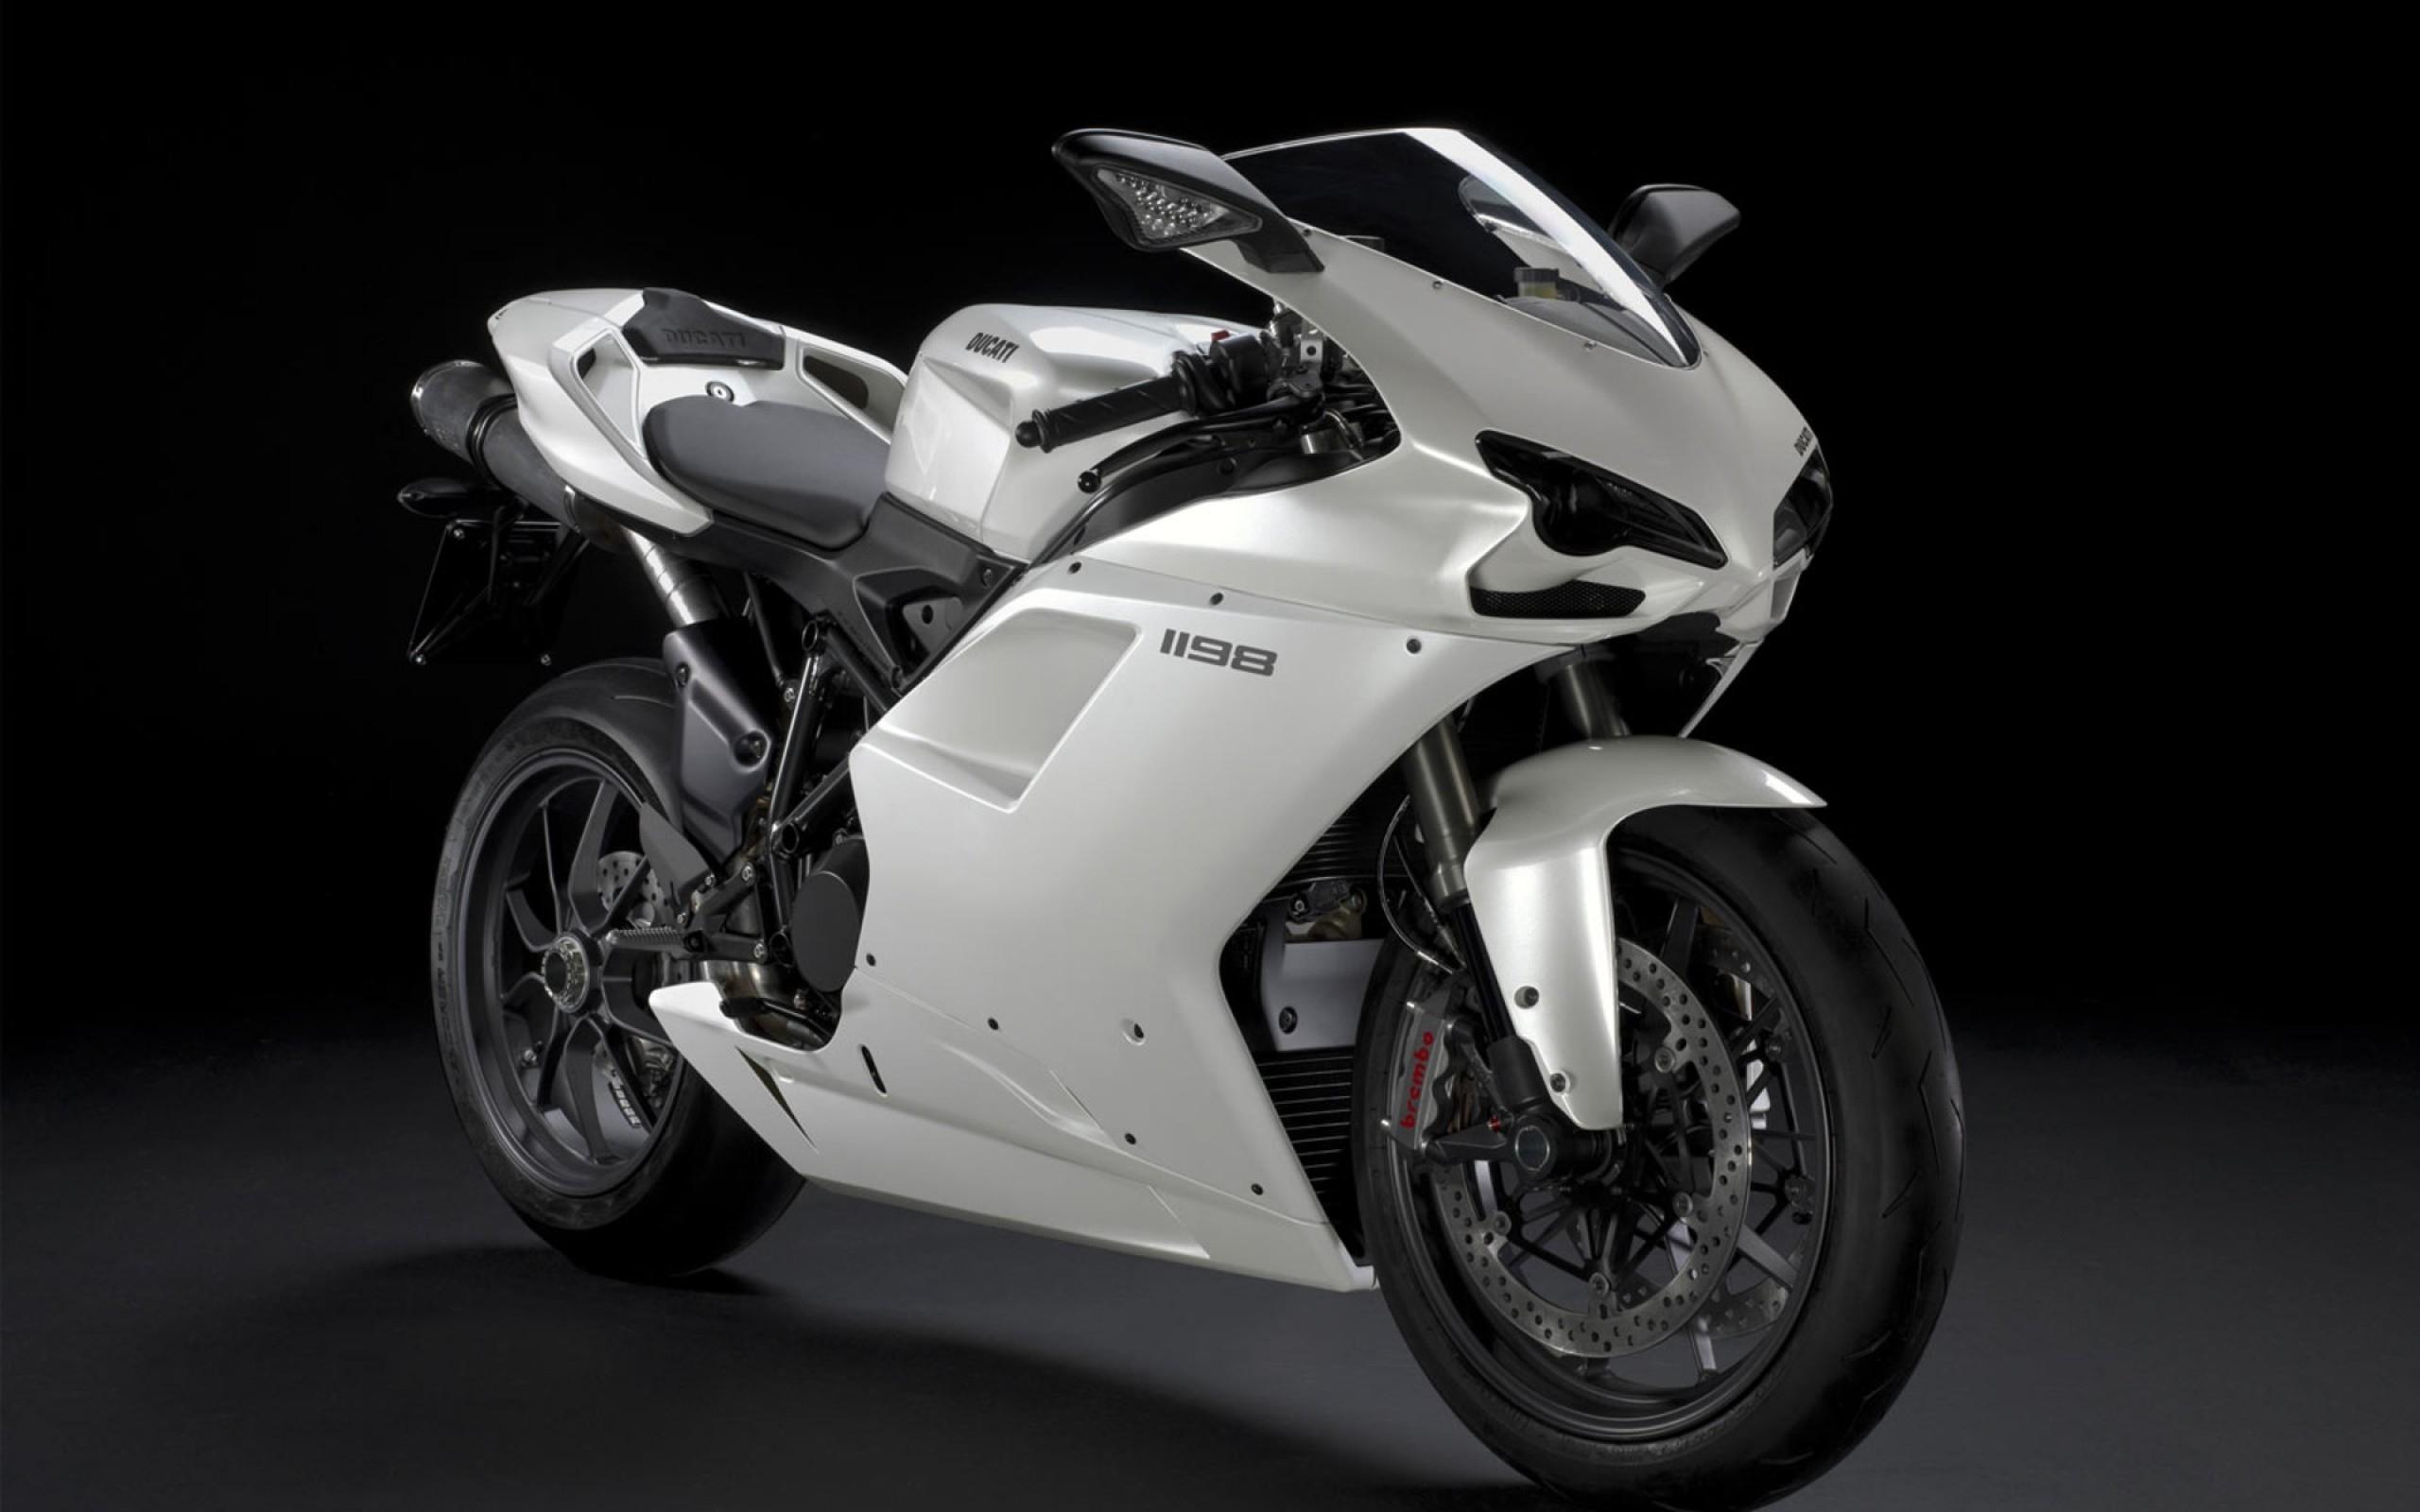 ducati superbike hd background